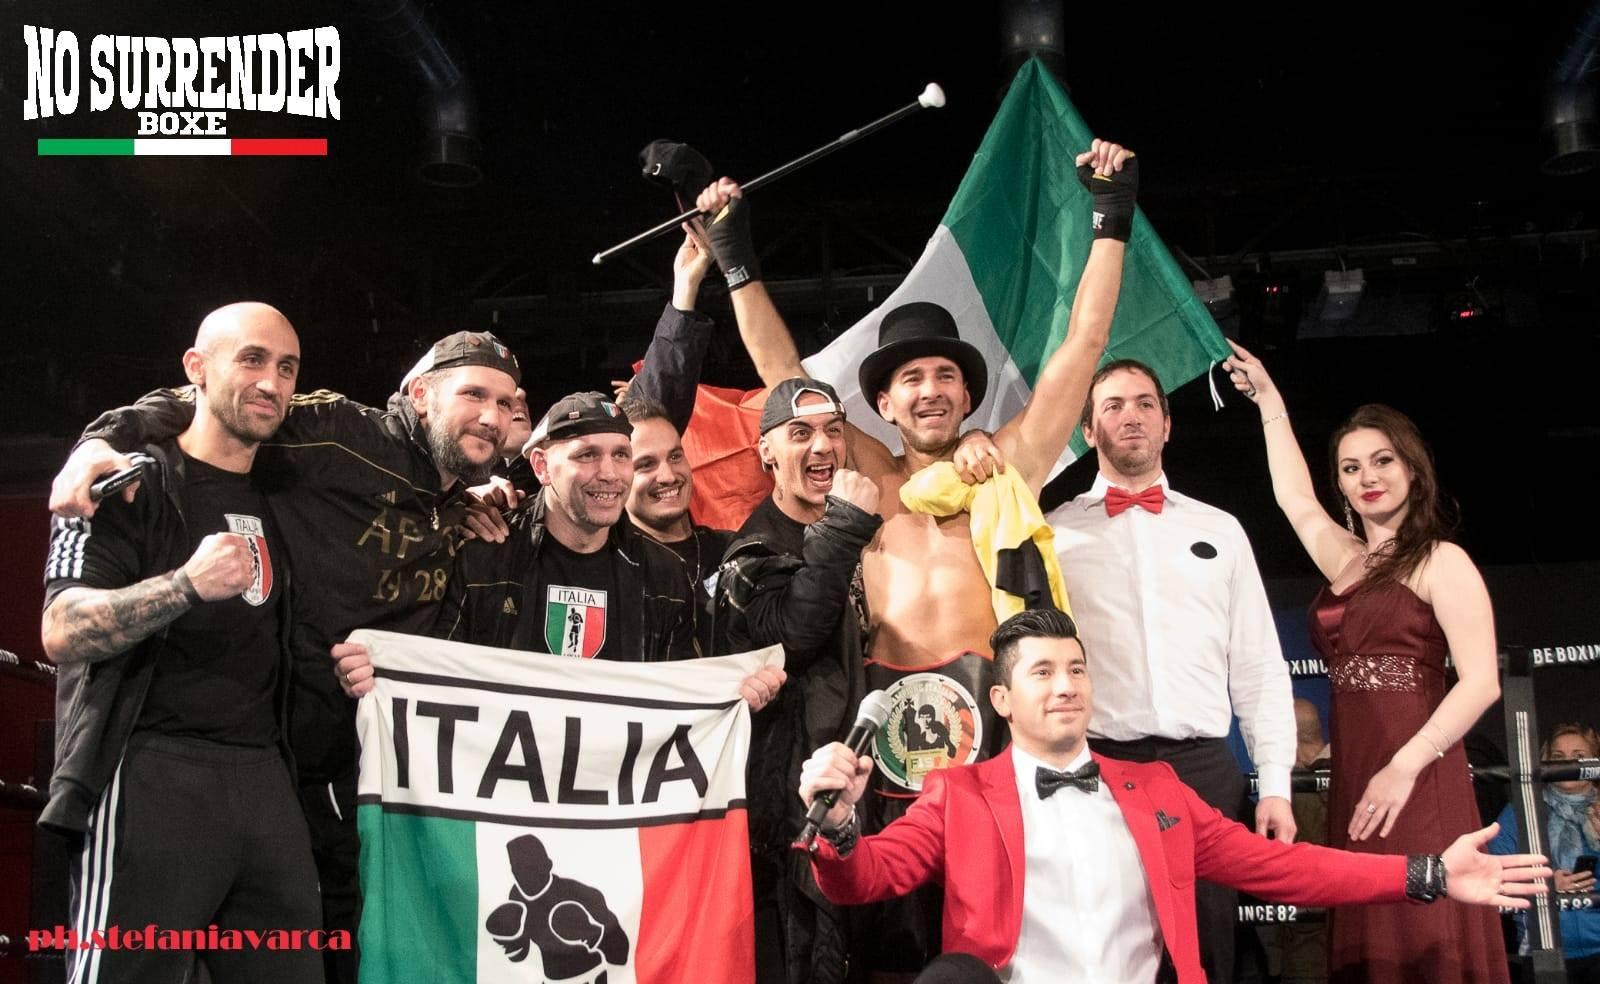 Marcello Gasperini tricolore dopo 11 riprese drammatiche e avvincenti.